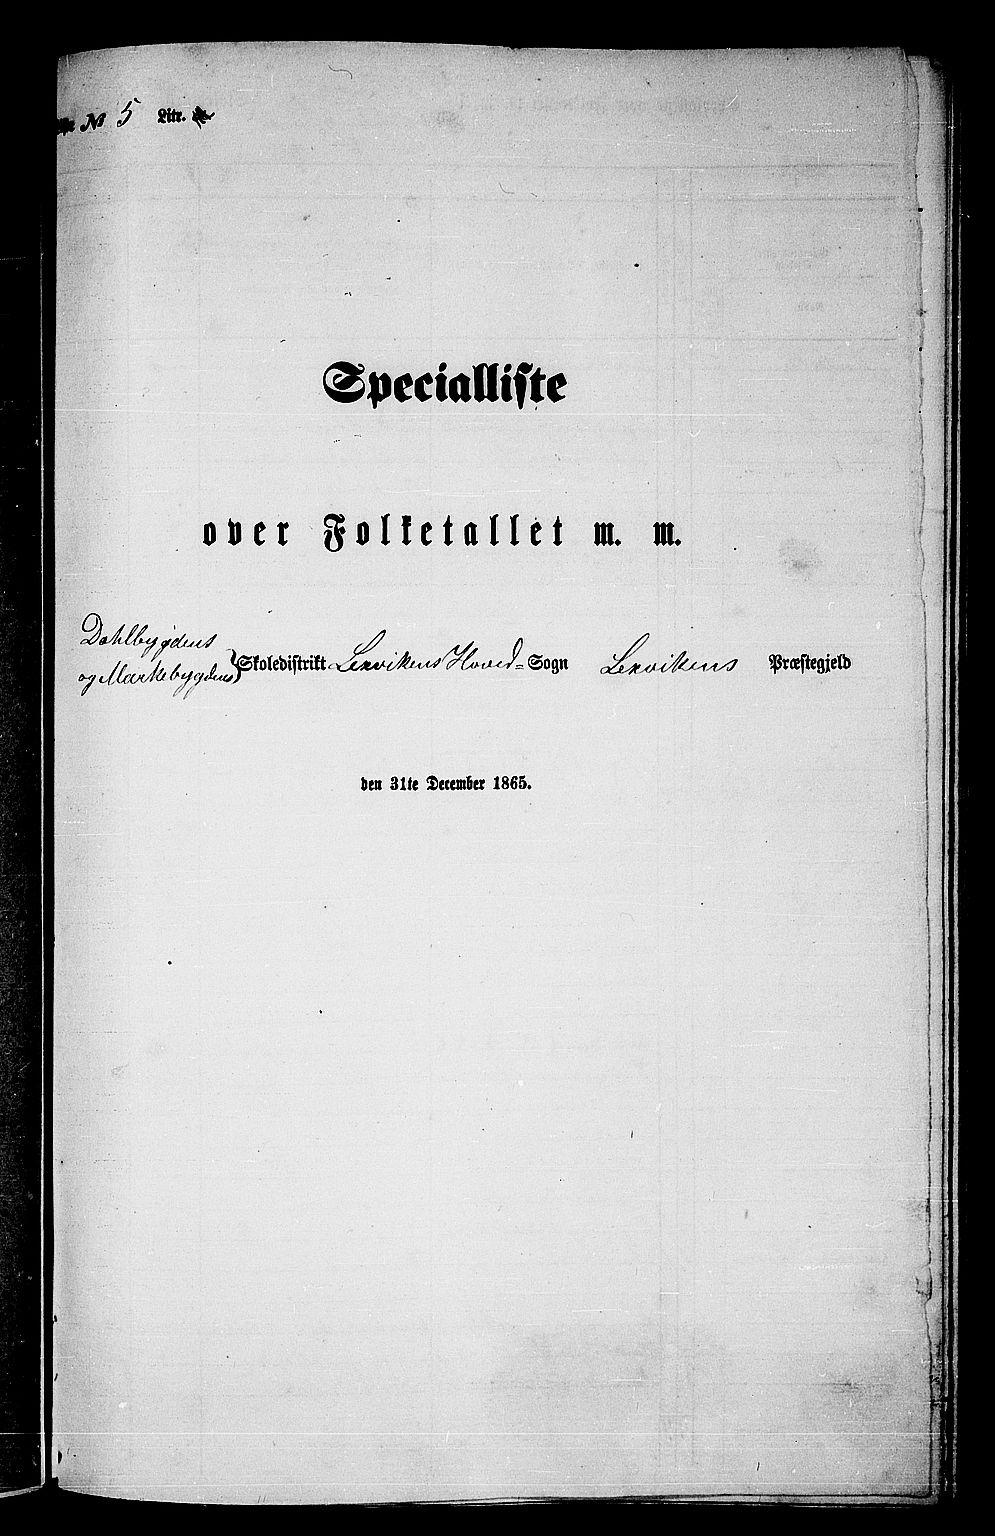 RA, Folketelling 1865 for 1718P Leksvik prestegjeld, 1865, s. 101